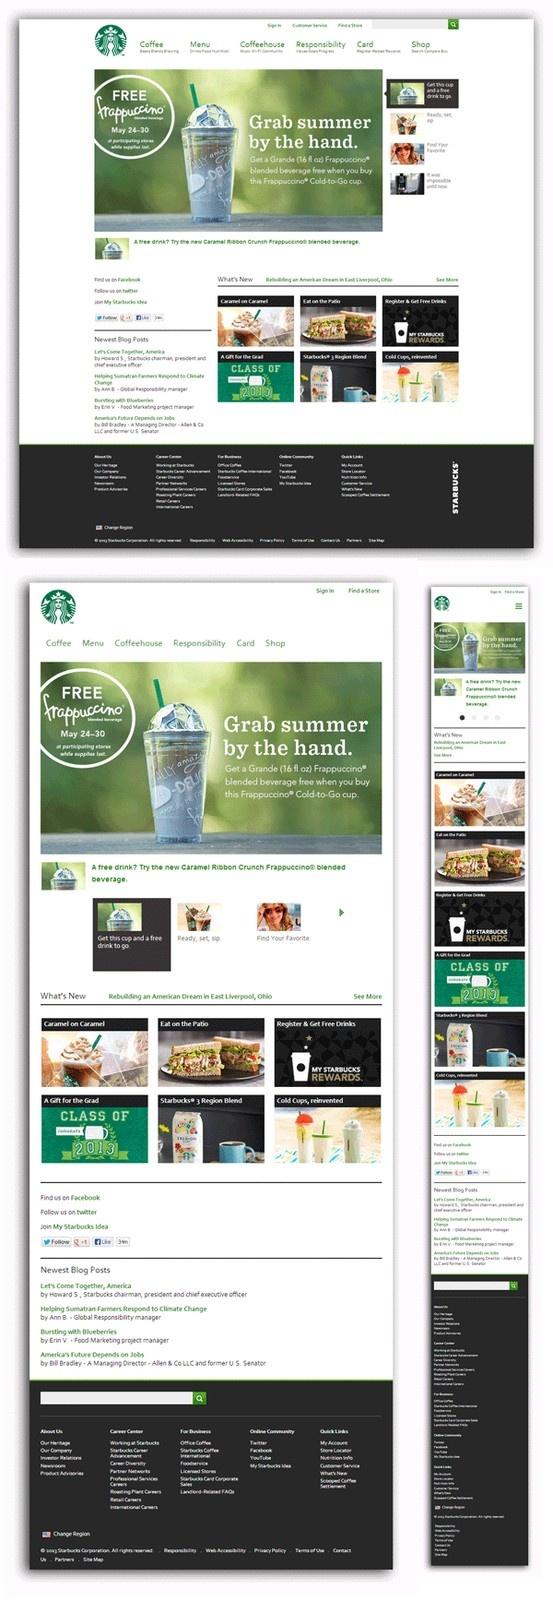 Starbucks.com Diseño: 5  Responsive: 5 Navegación: 5  Contenido: 5  Usabilidad: 5